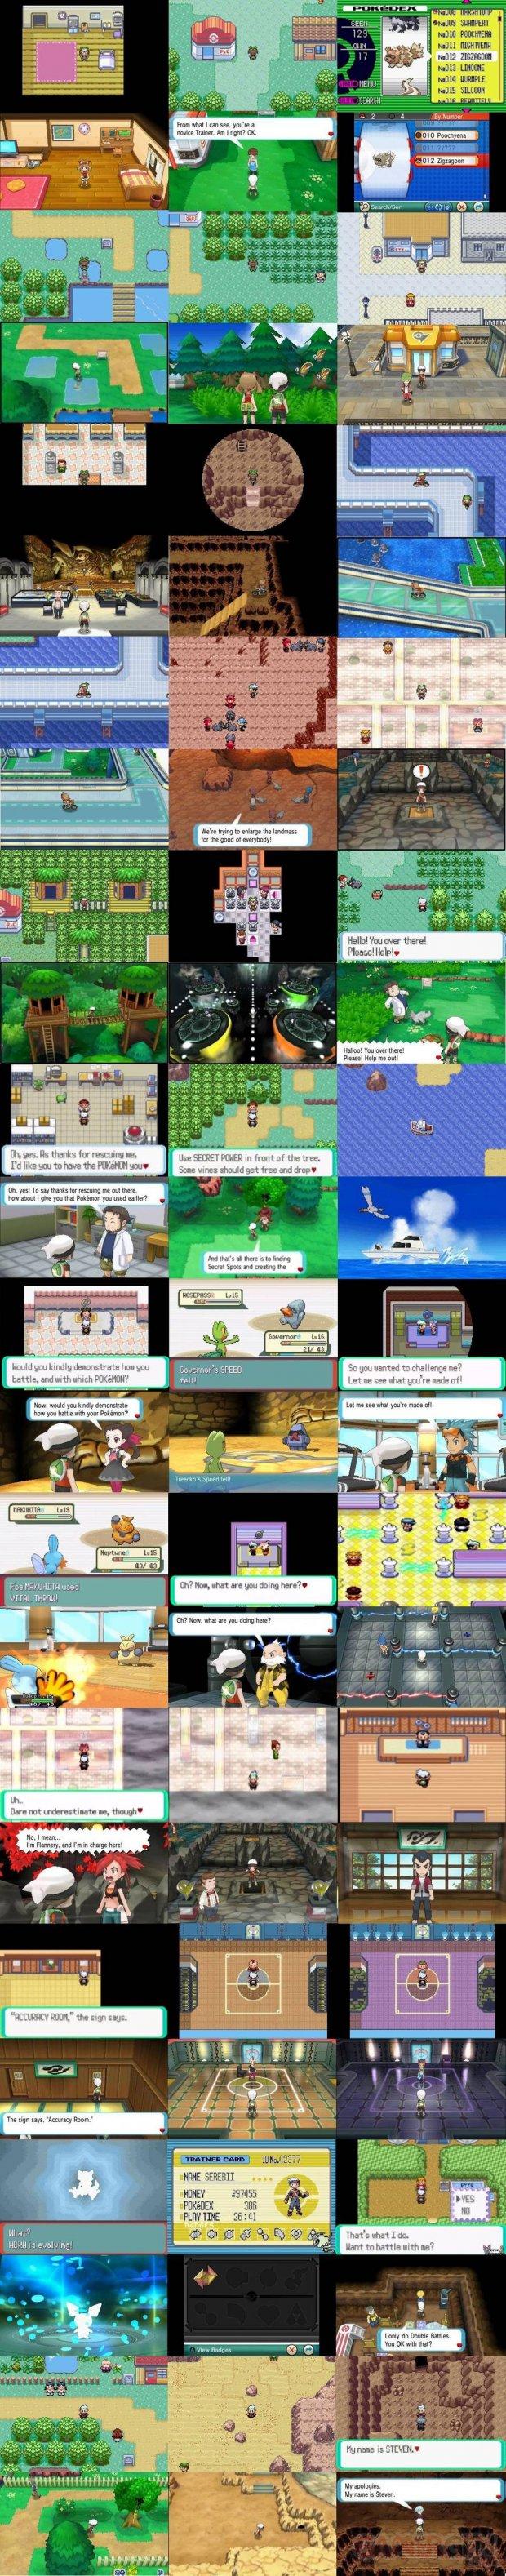 Pokémon Rubis Oméga Saphir Alpha 21 07 2014 comparaison GBA